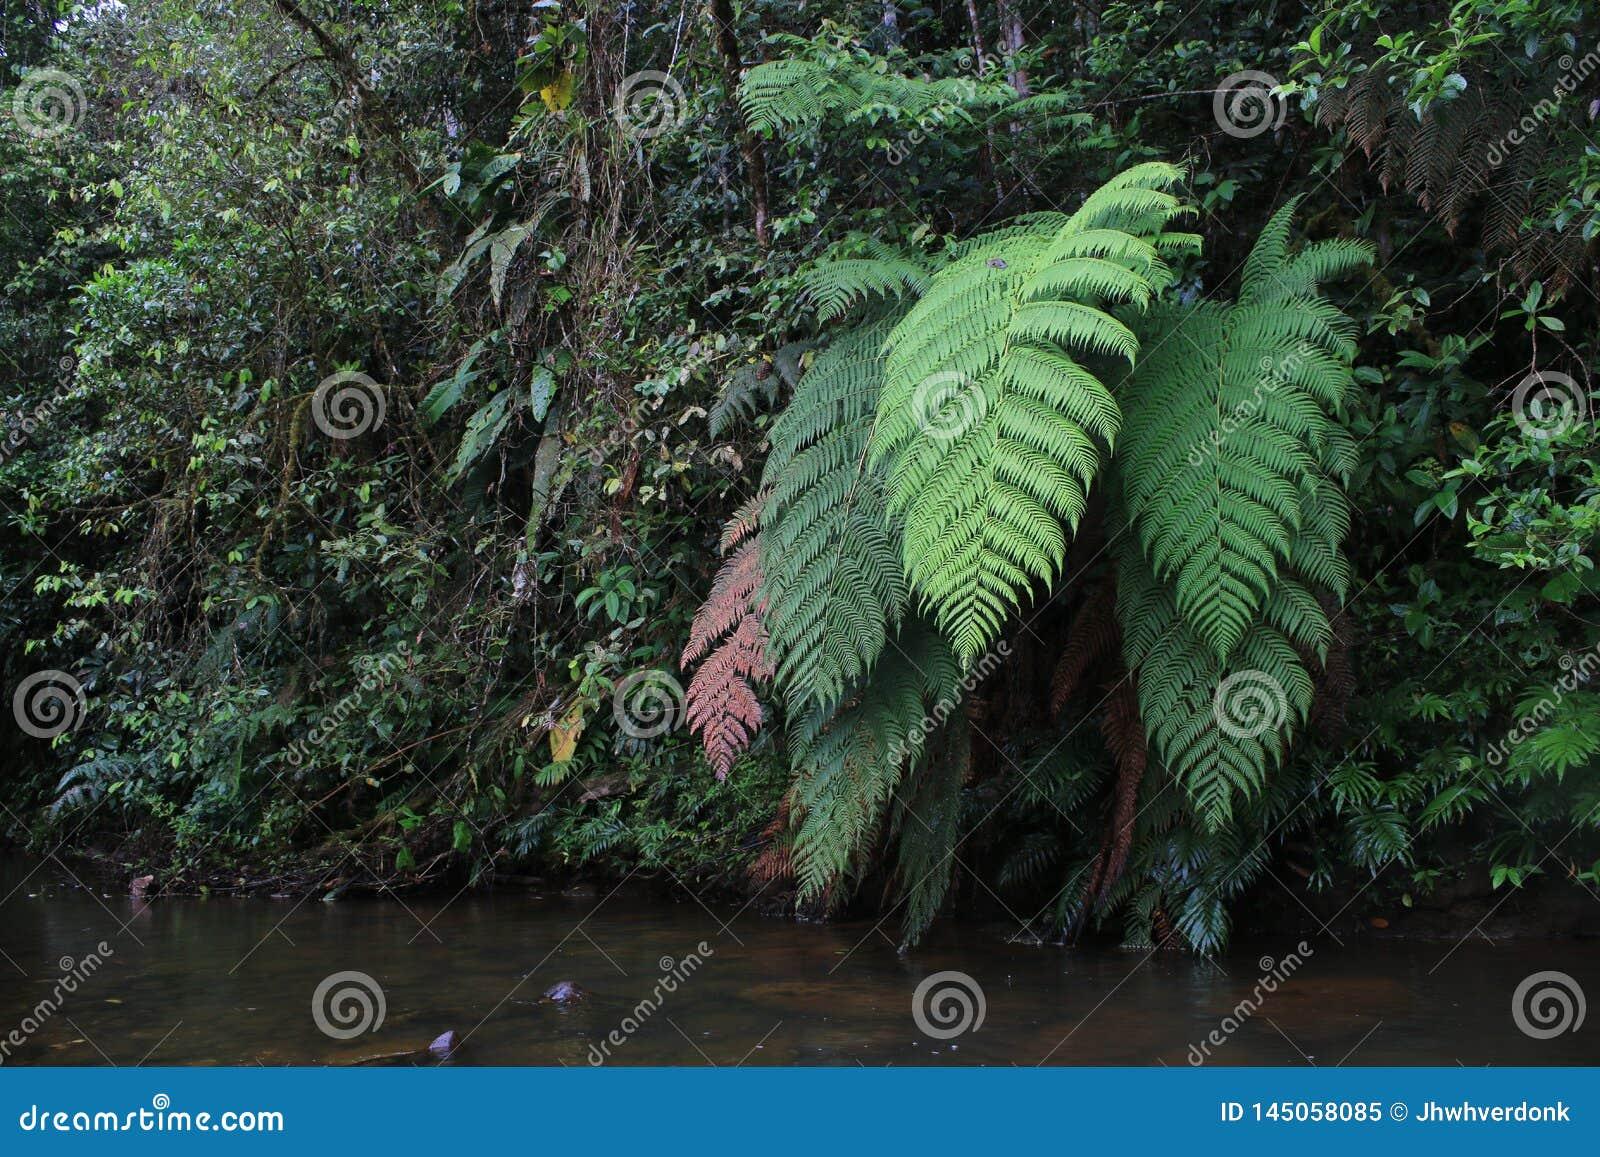 Diversos colores de helechos enormes al lado de un río en selva tropical tropical